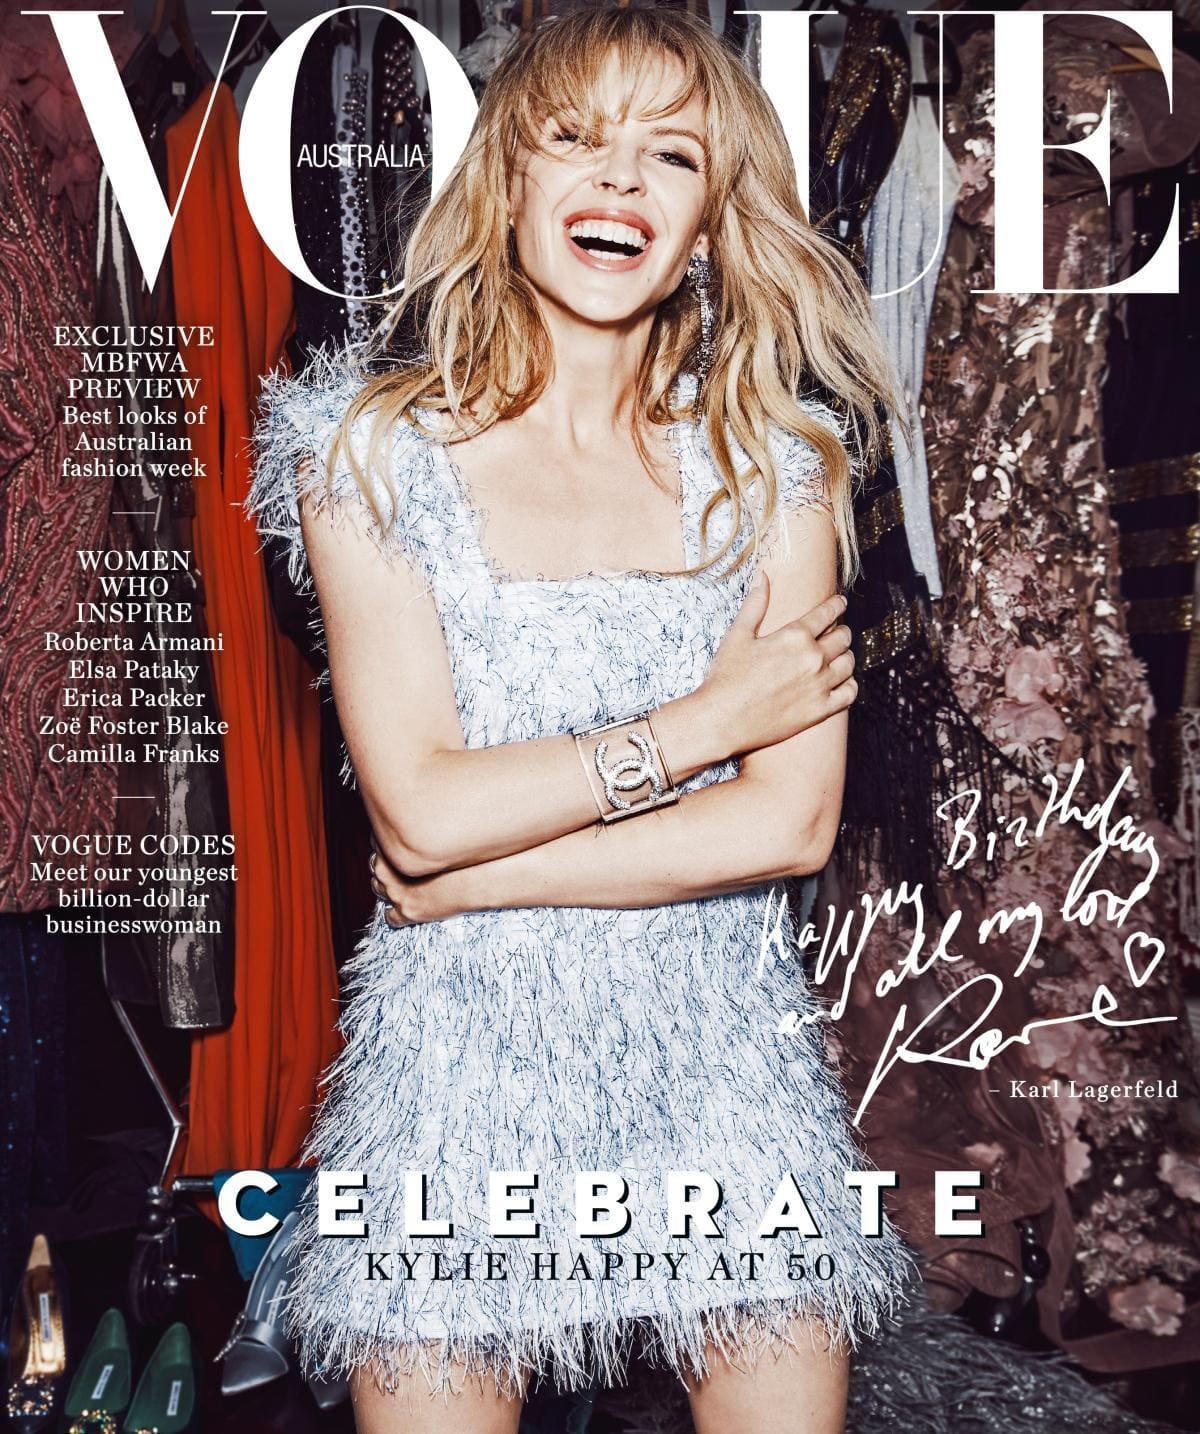 Las celebraciones de Kylie Minogue: 50 años de vida y 30 años como cantante este 2018